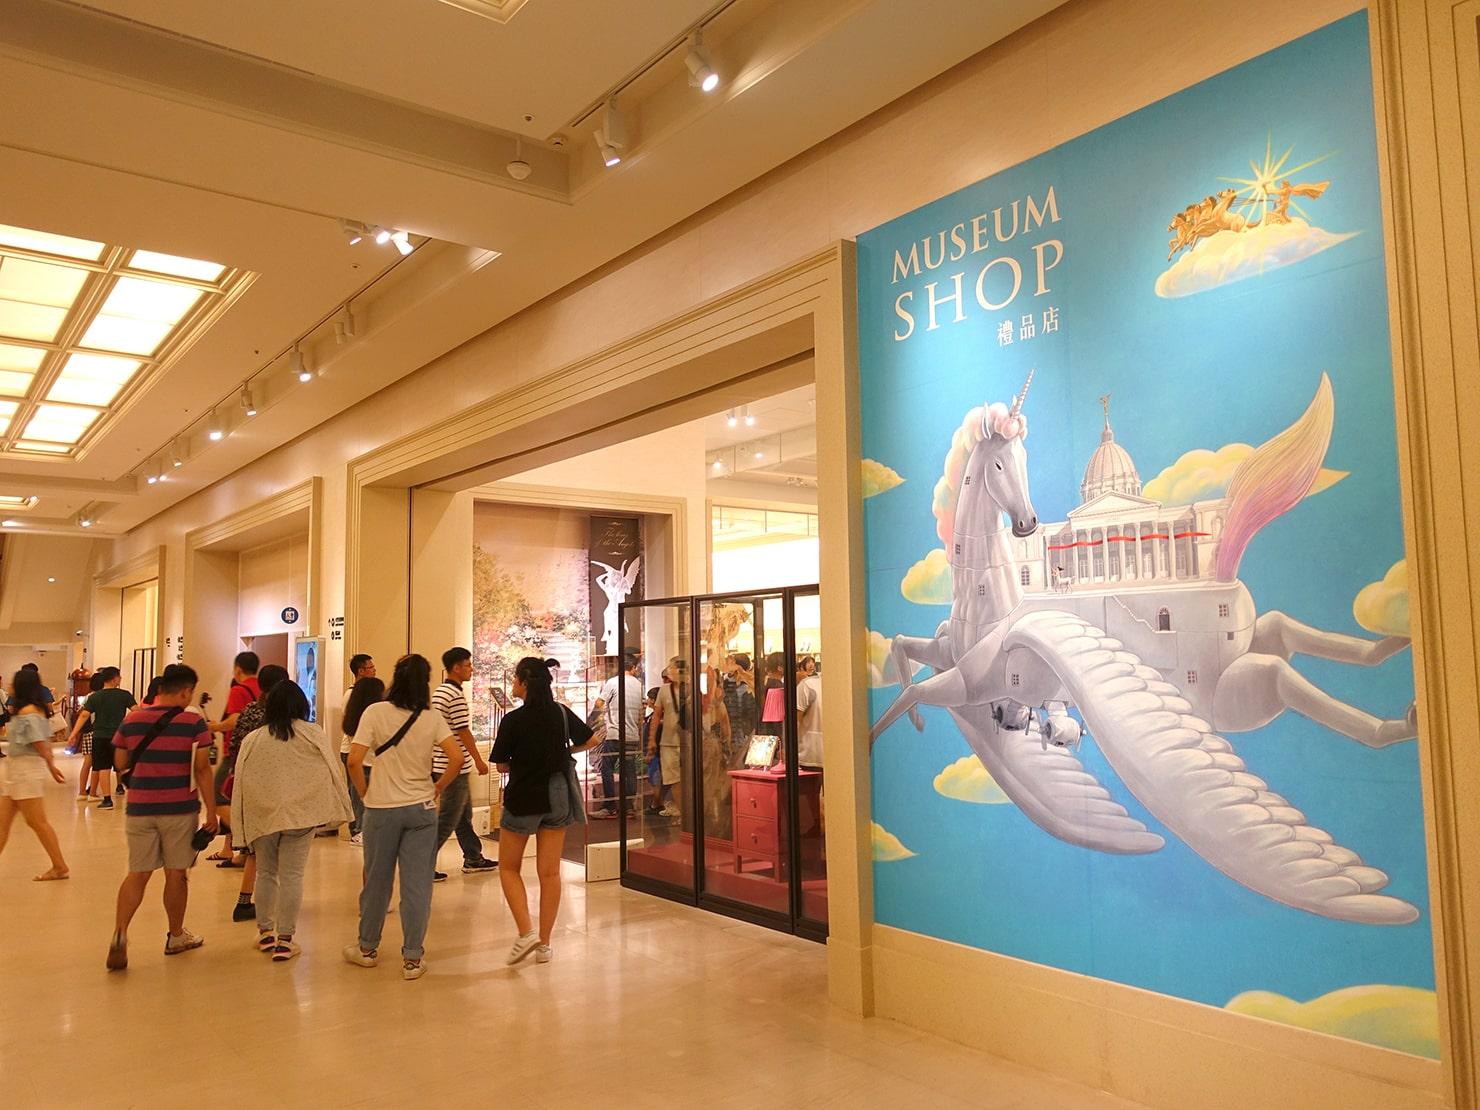 台南市街郊外のおすすめ観光スポット「奇美博物館」ミュージアムショップ